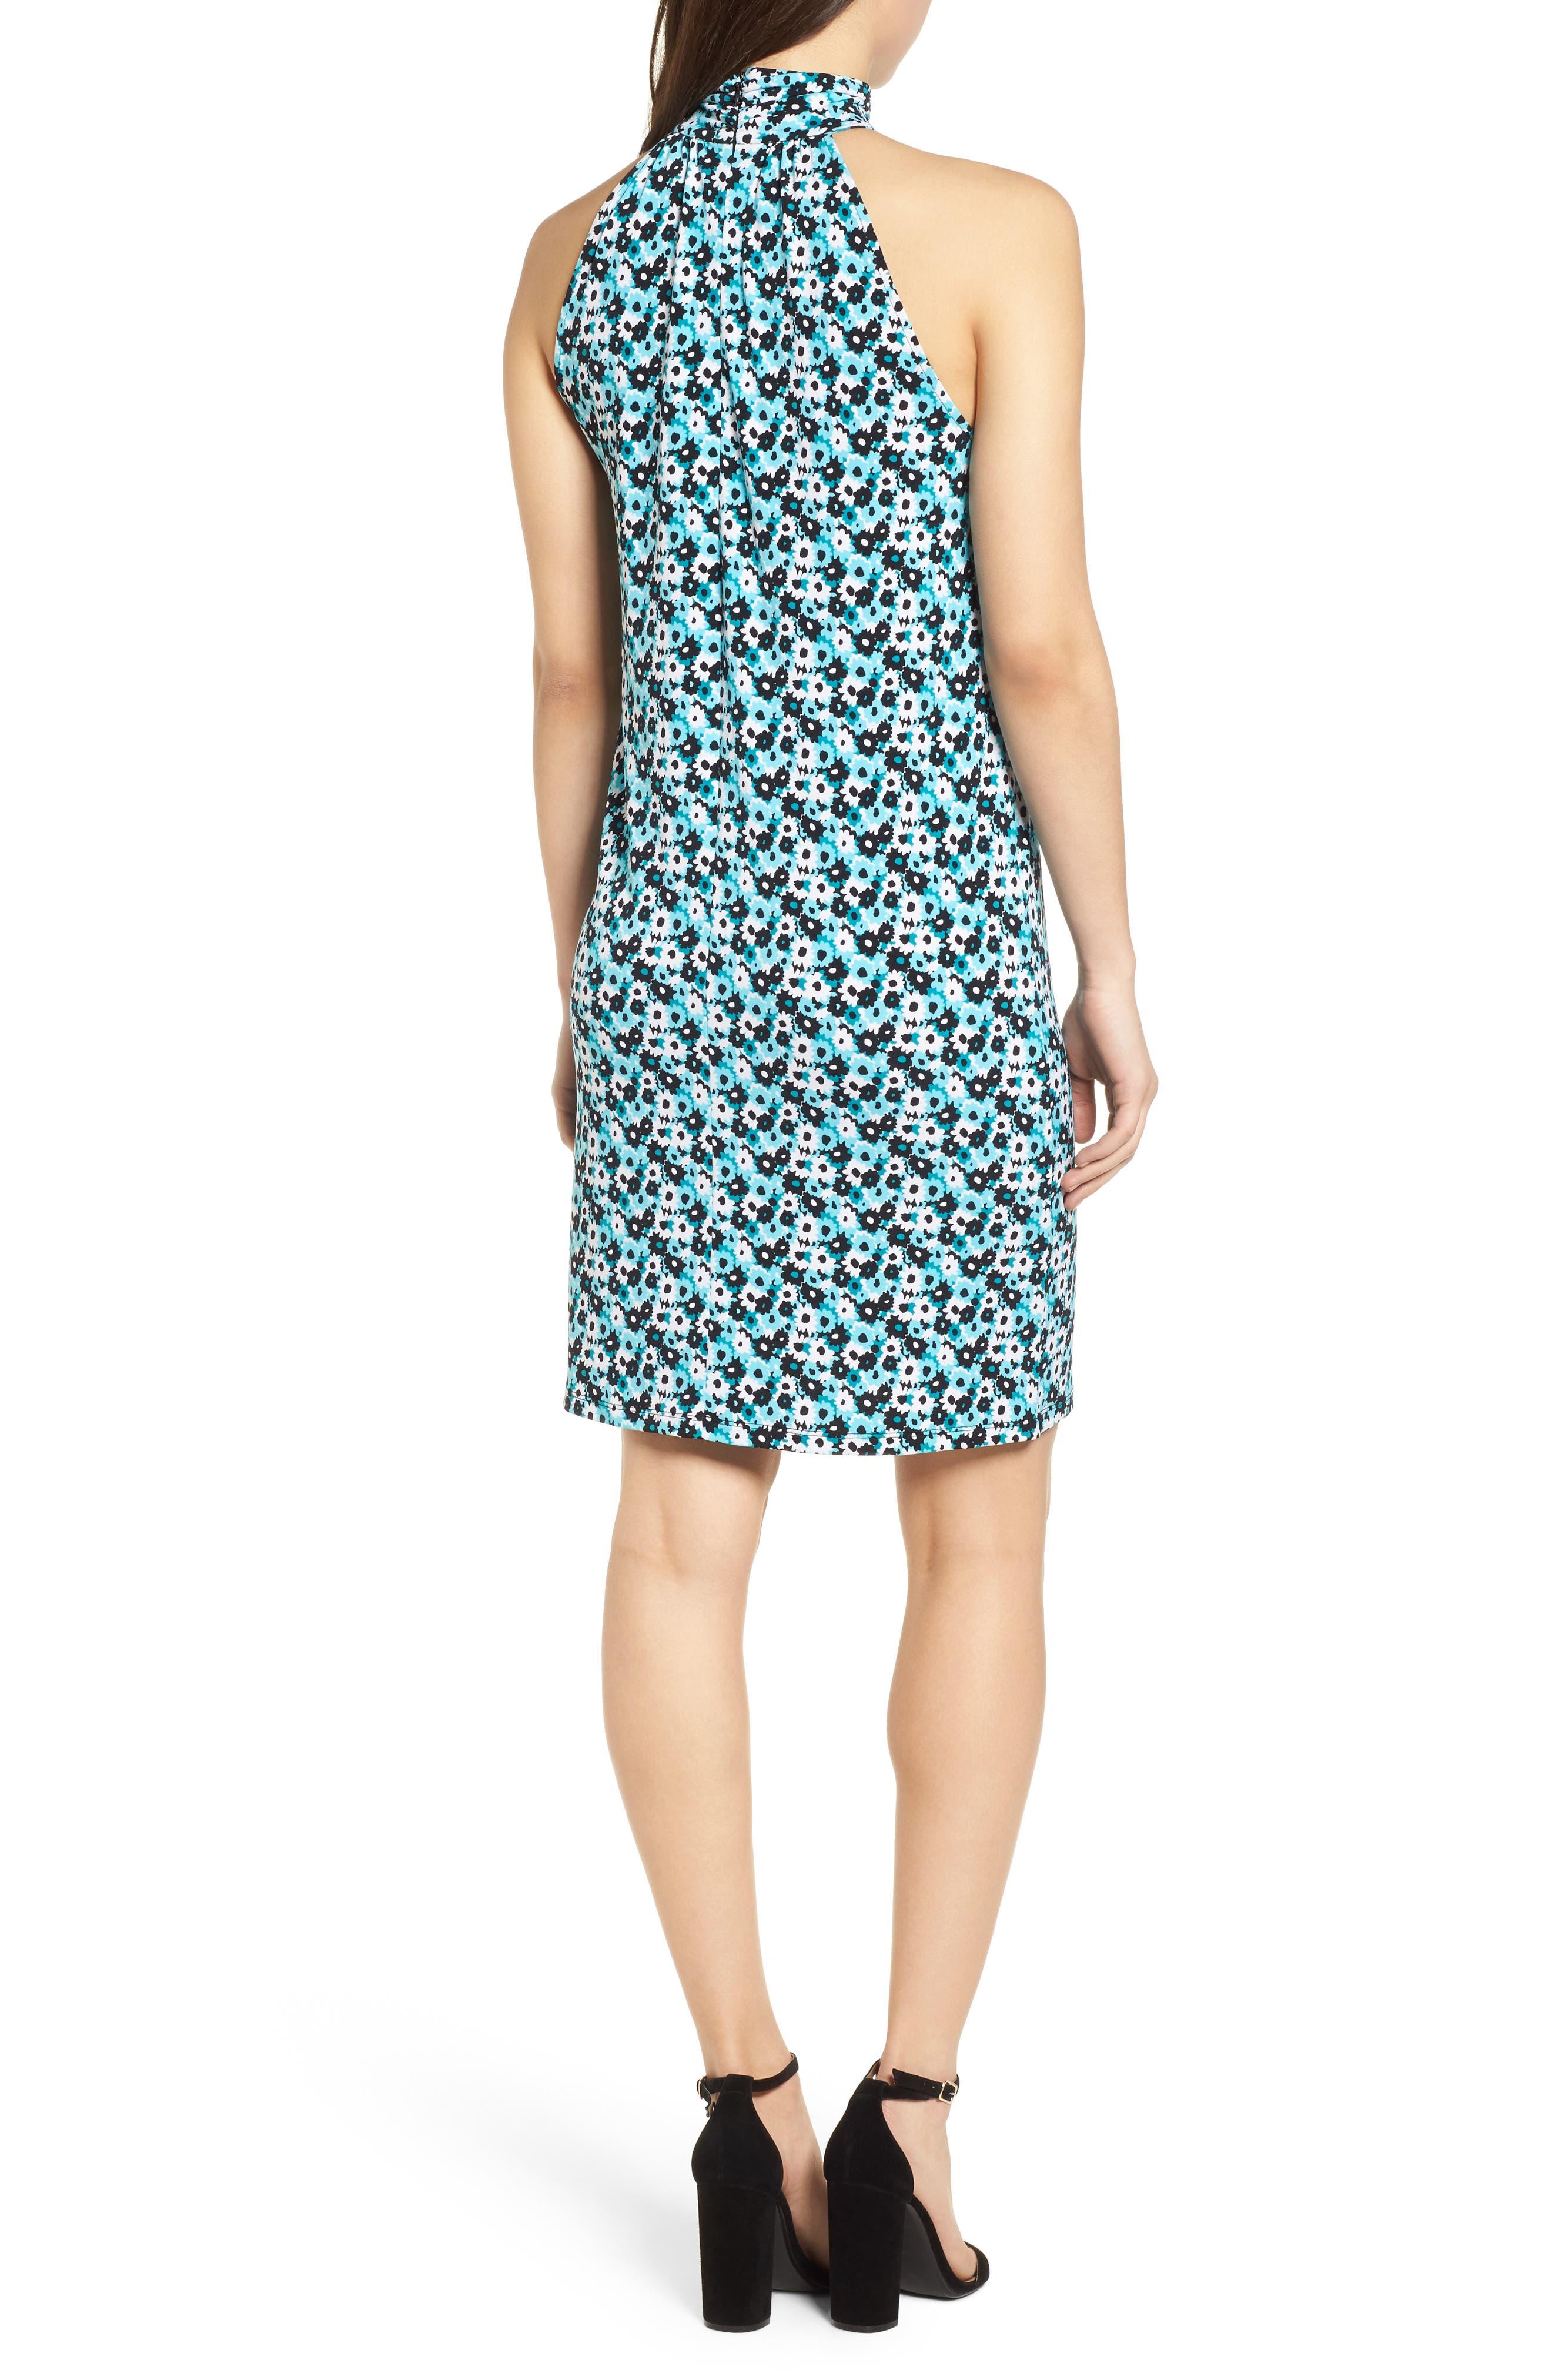 Carnation Sleeveless Dress,                             Alternate thumbnail 2, color,                             Tile Blue/ Black Multi